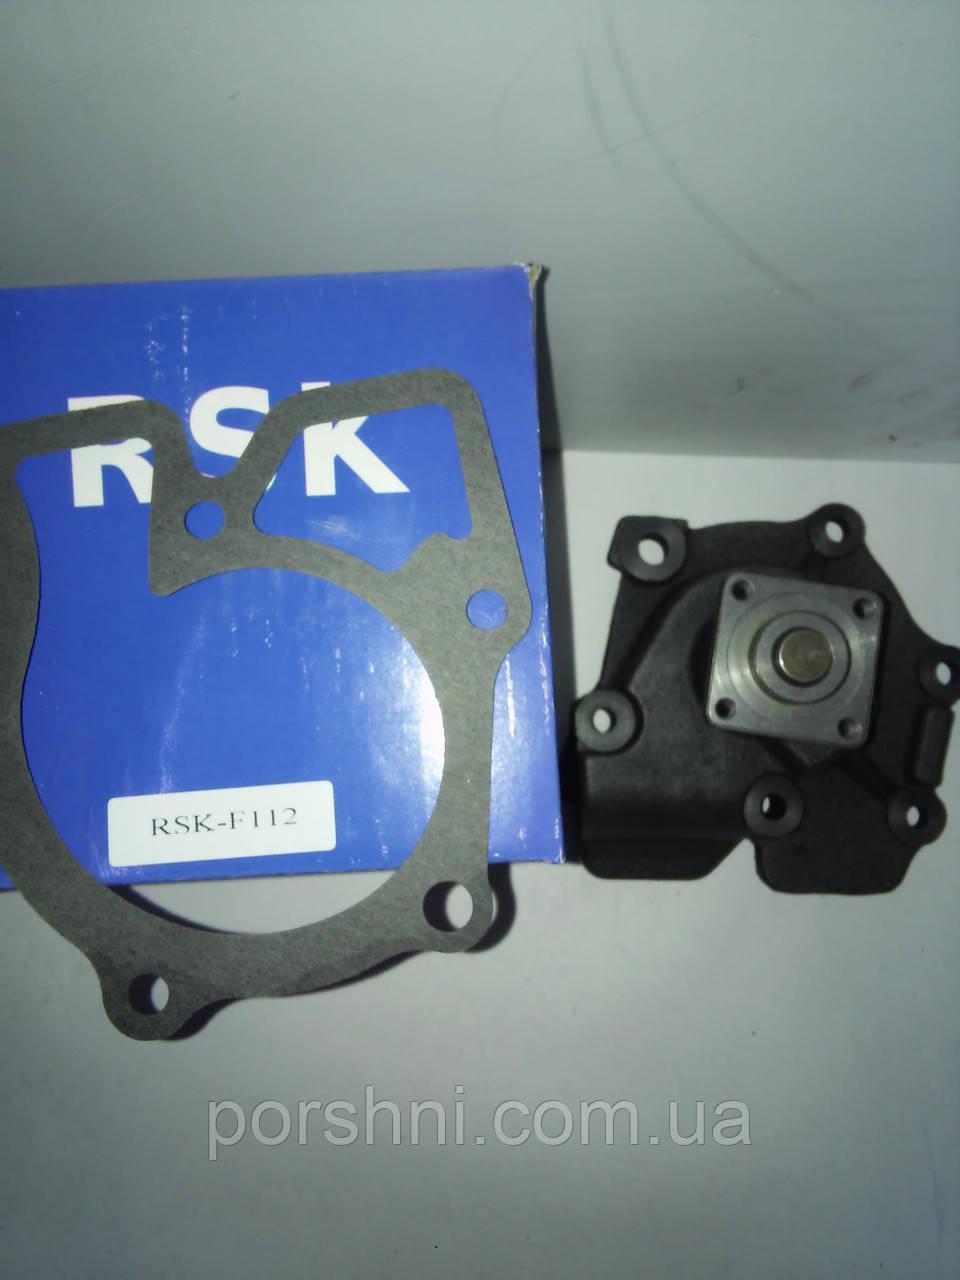 Водяной насос Ford Тransit  2.5 D 86 --  RSK  F112